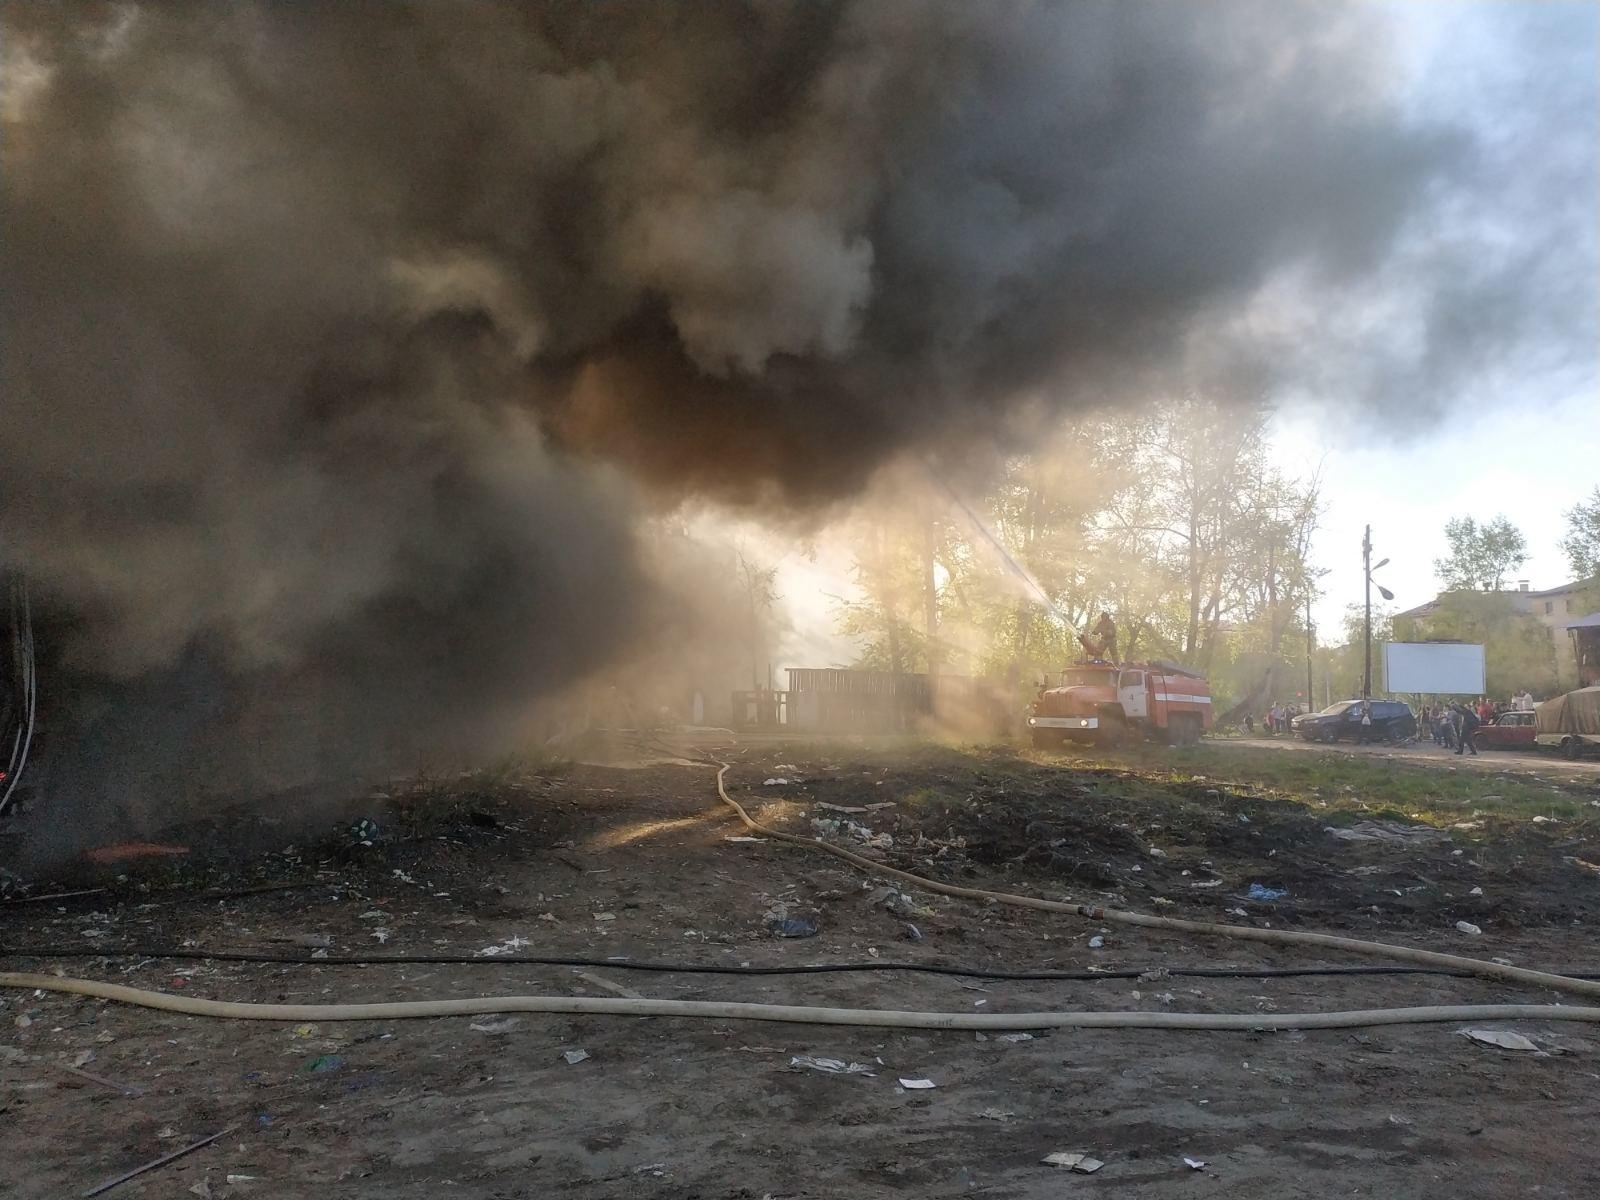 Пожарно-спасательные подразделения ликвидировали пожар в Ленском районе Архангельской области.